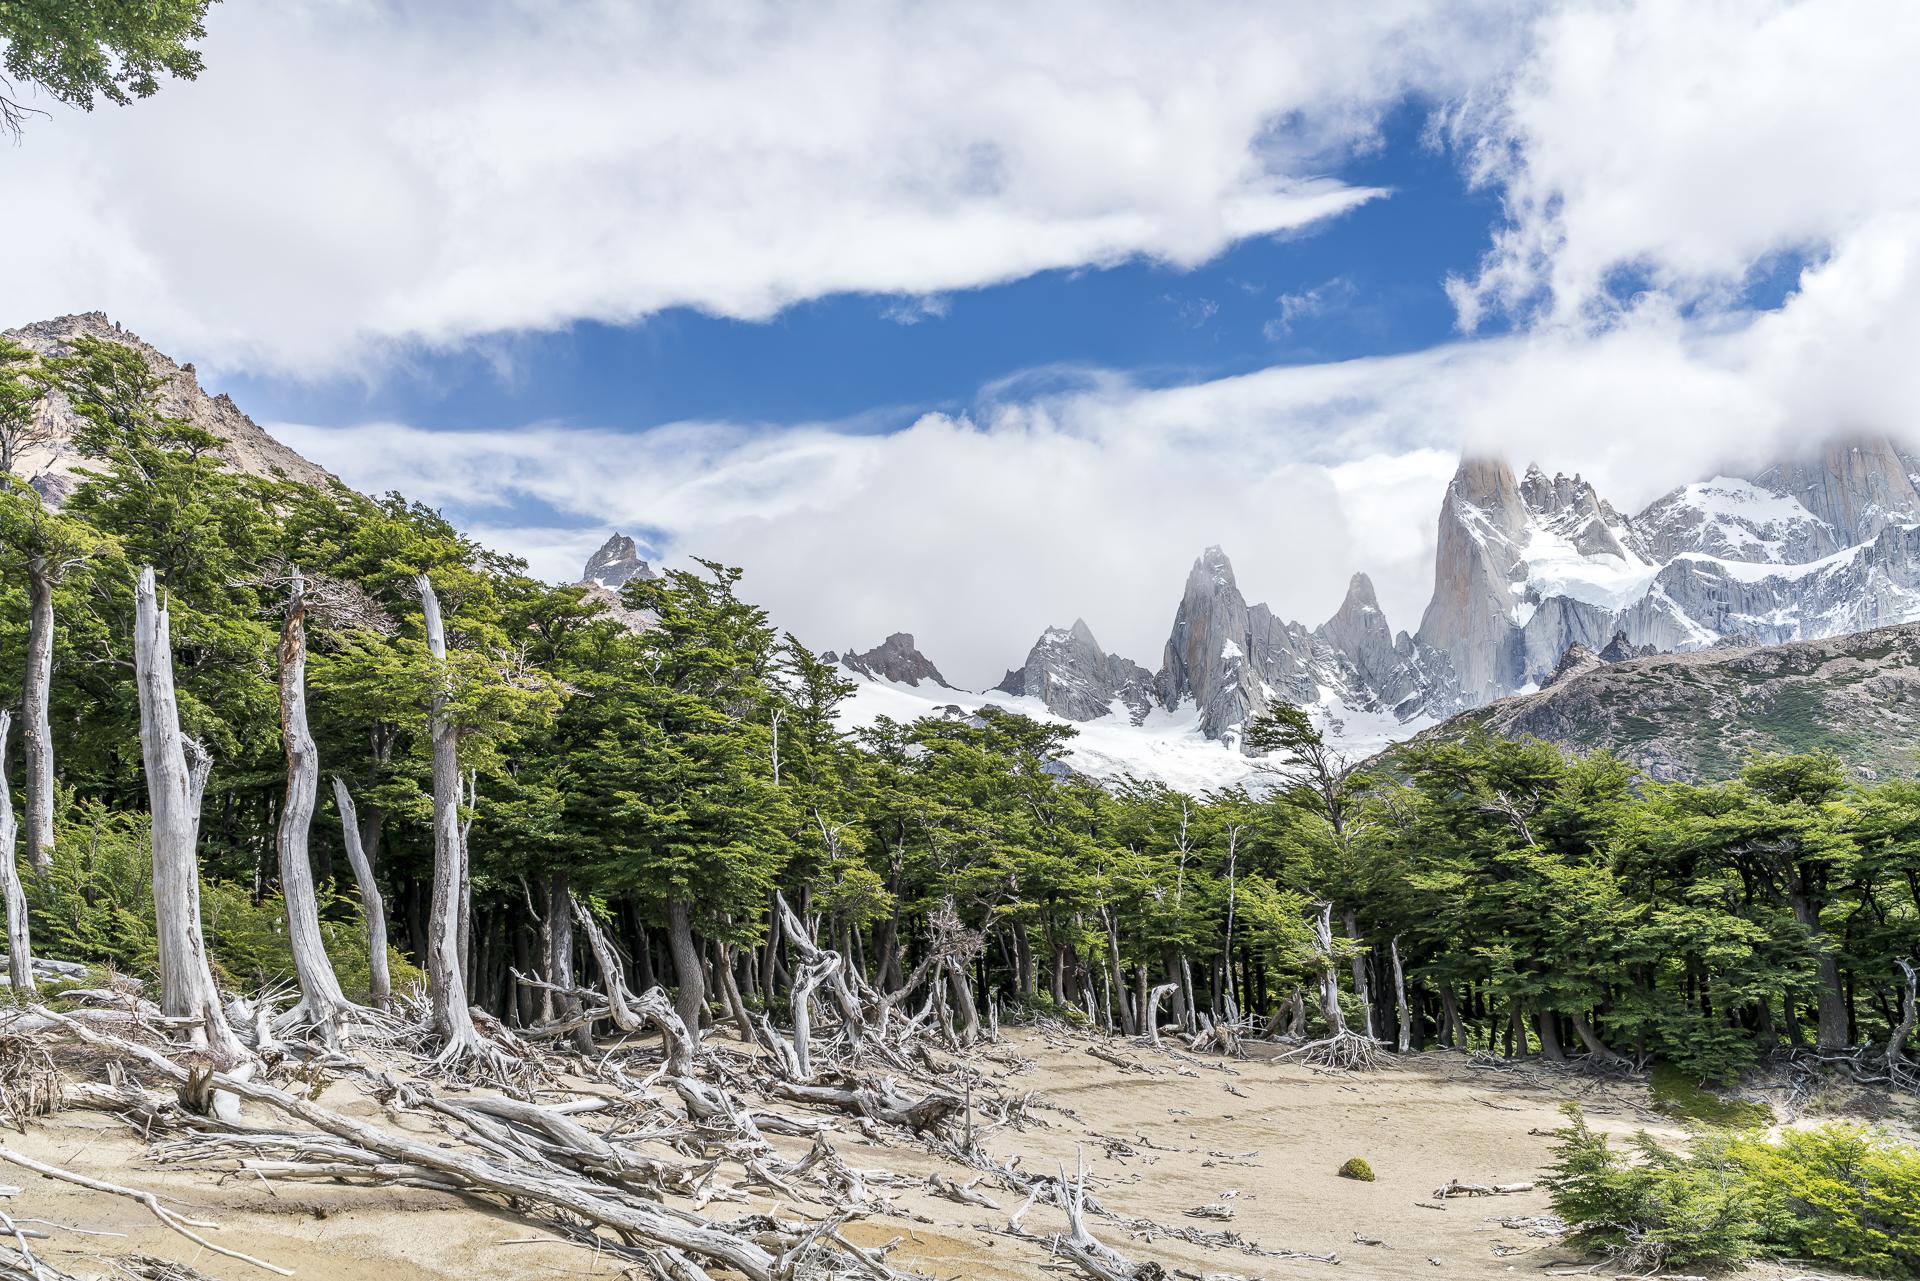 Wanderguide El Chaltén El Calafate Argentinien